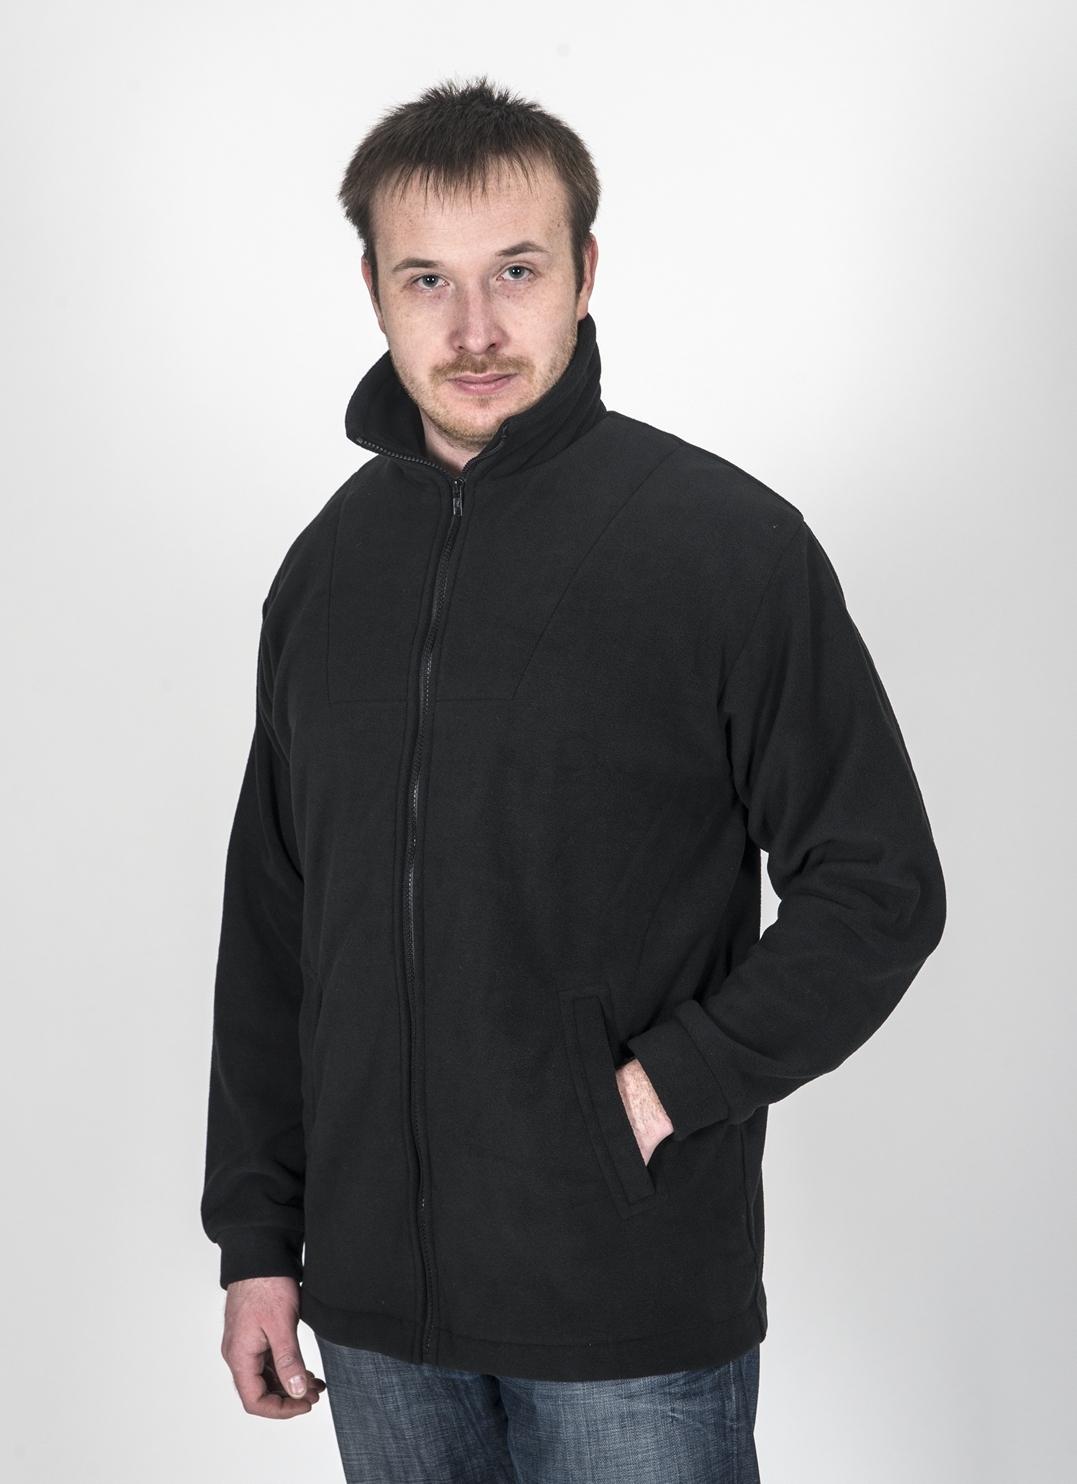 Куртка Fisherman Комфорт, цвет: черный. 54773. Размер 48/50КомфортФлисовая куртка Комфорт отлично заменит шерстяной свитер или кофту. Куртка имеет разъемную молнию, высокий воротник и два глубоких кармана. Низ куртки регулируется при помощи резинки и стоппера. Изготавливается из ткани Polar fleece плотностью 300 гр\м2.Polar fleece это: трикотажная ткань с двухсторонним ворсом: особо износоустойчивым с наружной стороны - Polar и очень мягким и комфортным с внутренней - fleece. Polar fleece - лучший современный заменитель шерсти, дышащий и не вызывающий аллергии.Основные достоинства и преимущества:высокоэффективная теплозащита; мягкость и комфорт при прикосновении; отлично впитывает влагу и не холодит тело при намокании, как одежда из хлопка; быстро высыхает после намокания – быстрее, чем хлопок или шерсть; не обладает усадкой после стирки; не растягивается и не теряет форму в процессе эксплуатации.